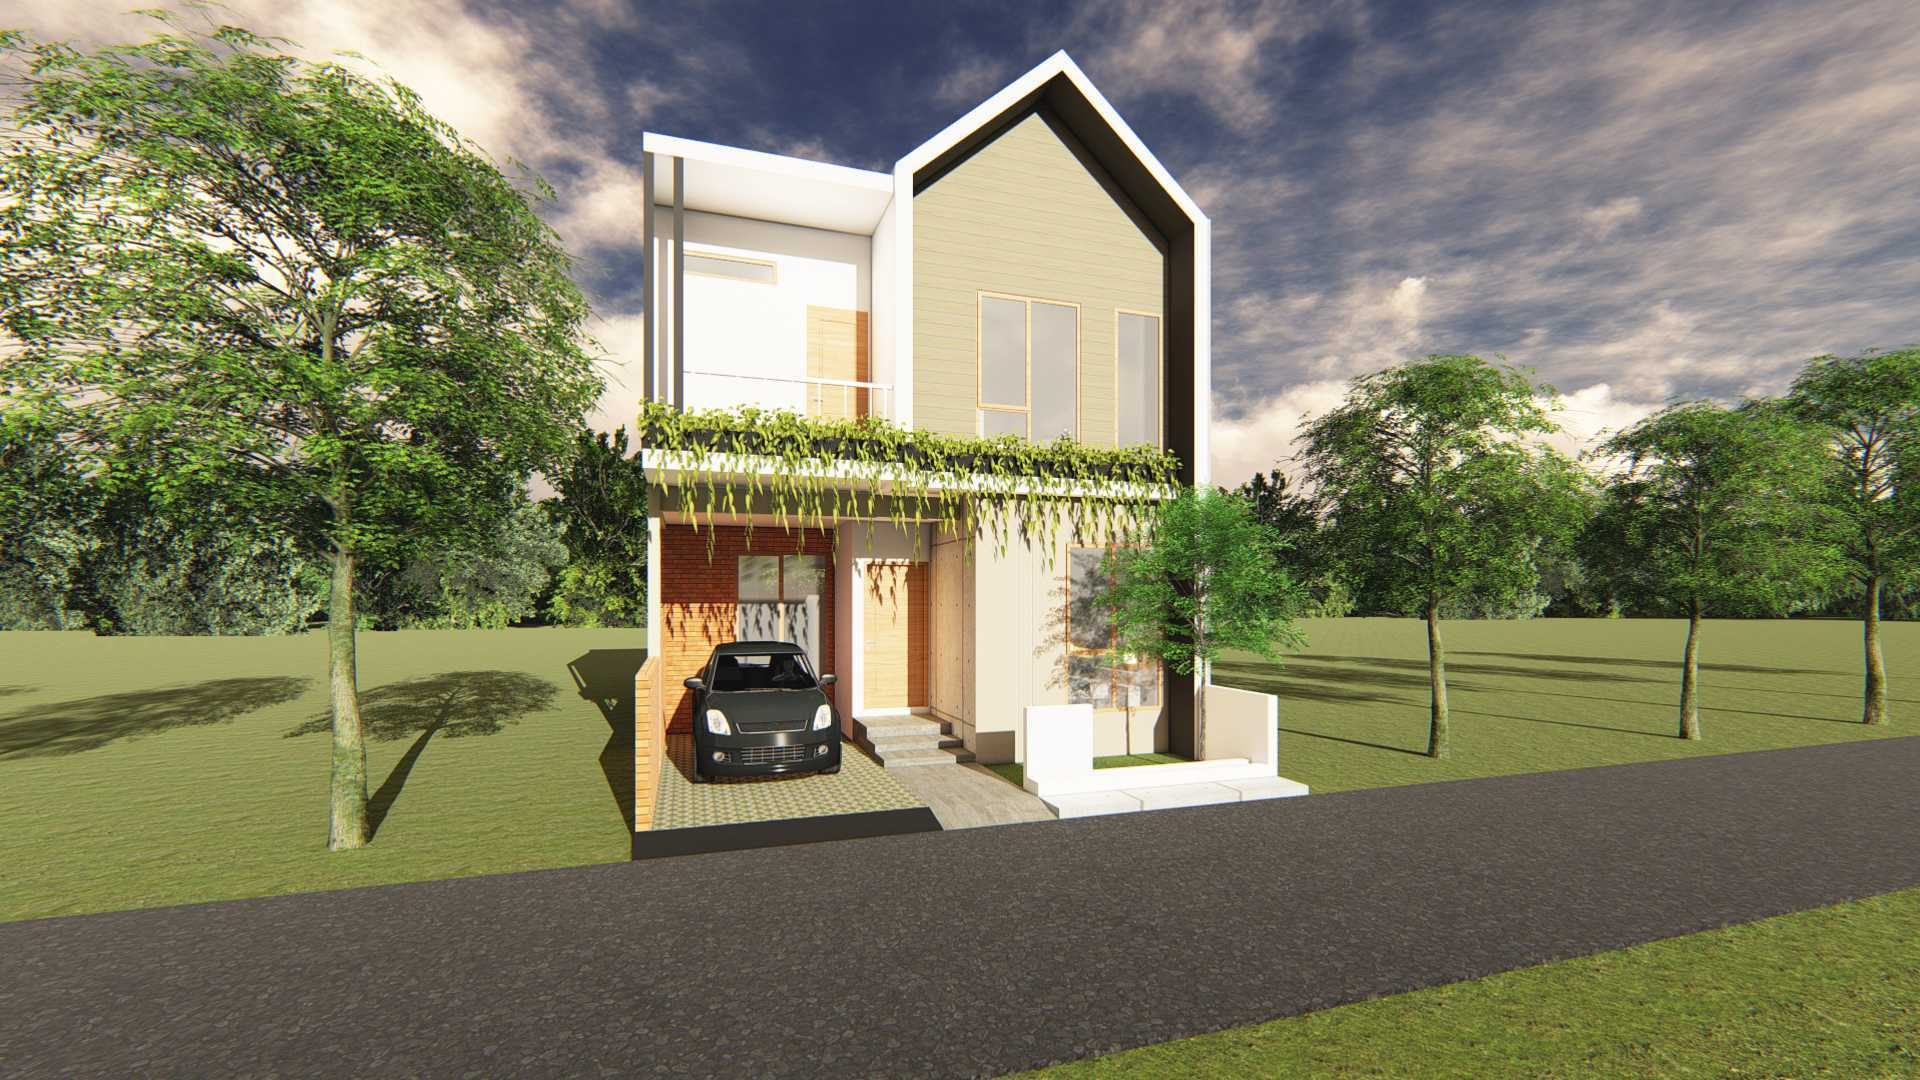 Astabumi Studio Sm House Pemalang Pemalang, Kec. Pemalang, Kabupaten Pemalang, Jawa Tengah, Indonesia Surabaya Cv-Astabumi-Manunggal-Prakarsa-Sm-House-Pemalang   119275